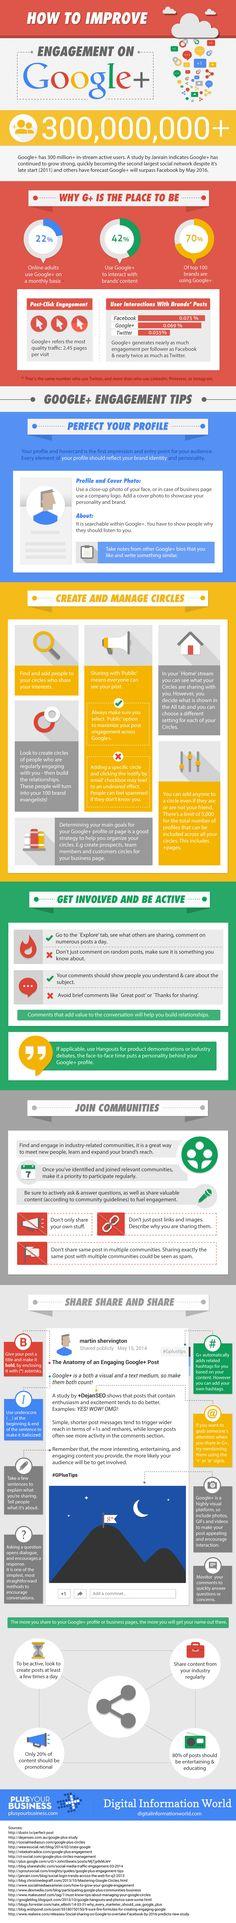 De juiste strategie voor Google Plus